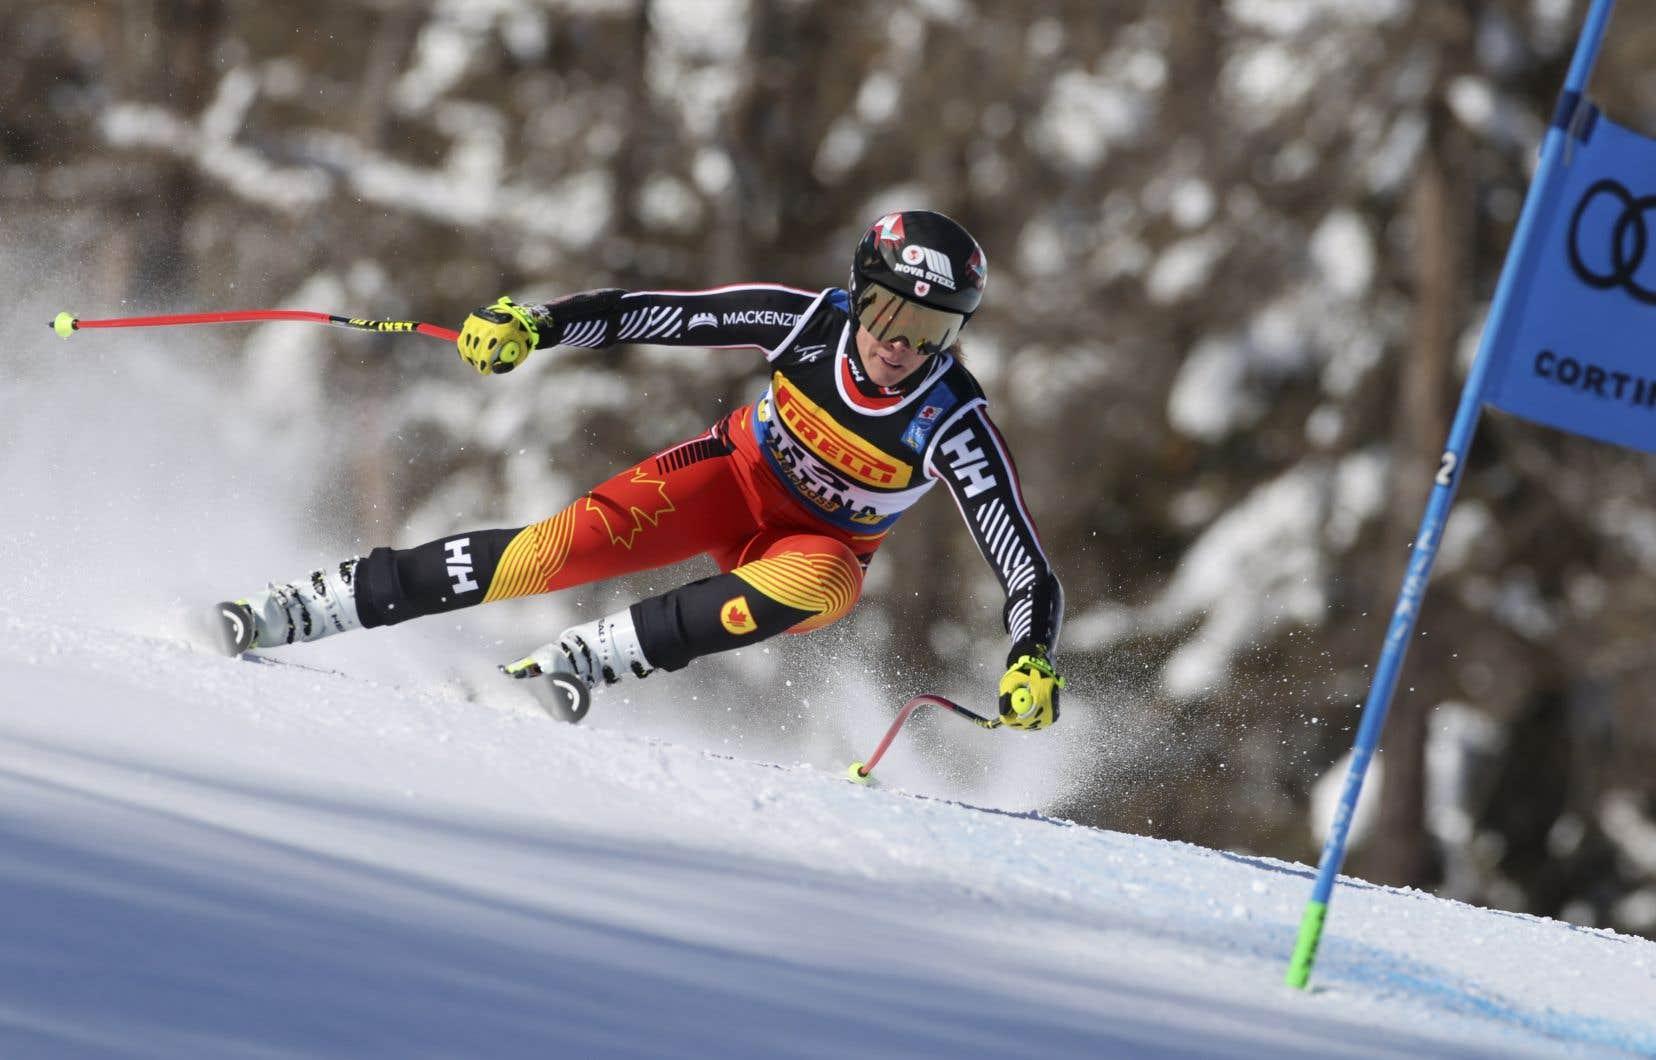 Gagnon participera vendredi à deux descentes d'entraînement — une situation rarissime, selon la principale intéressée —, avant de s'attaquer à la descente samedi et au combiné alpin lundi.